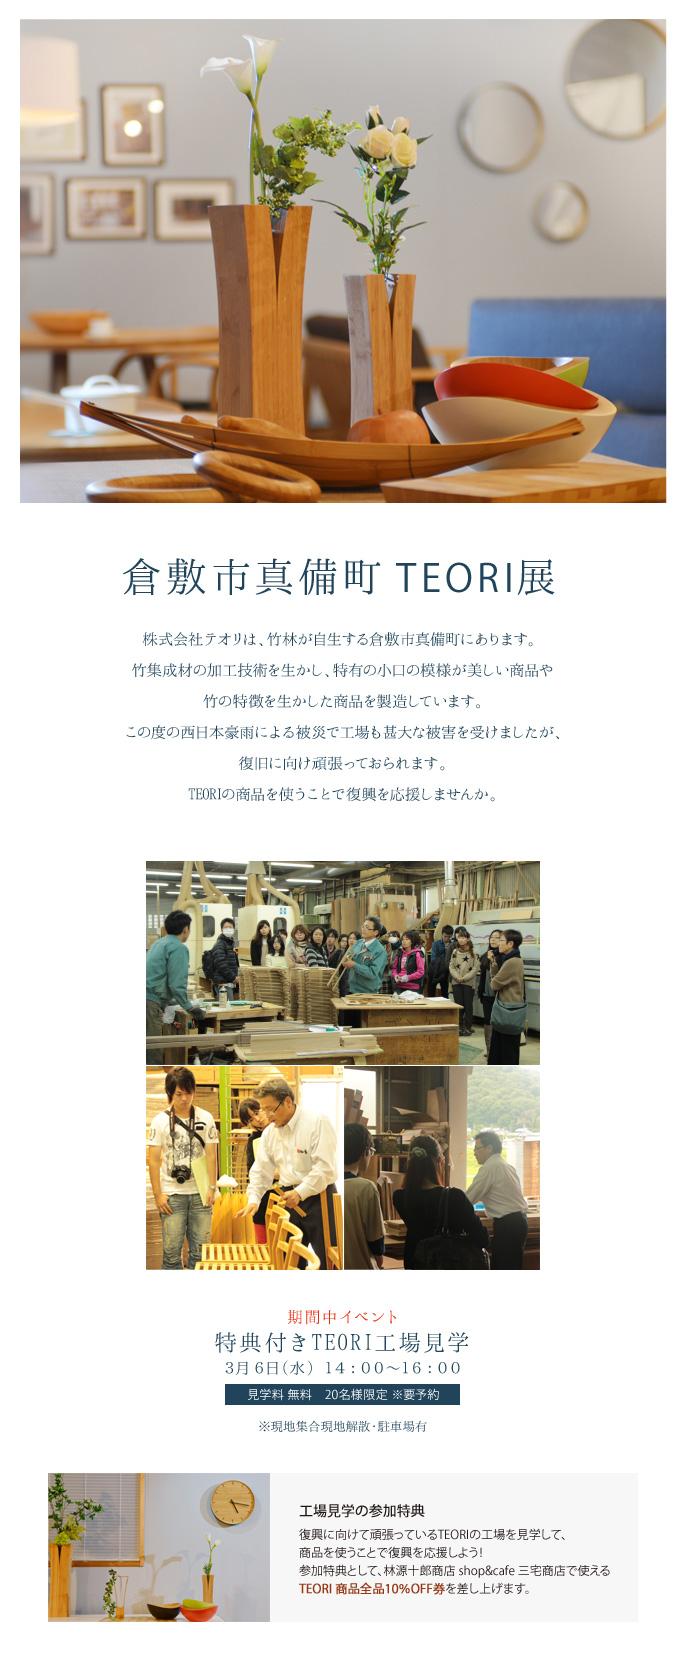 株式会社テオリは、竹林が自生する倉敷市真備町にあります。  竹集成材の加工技術を生かし、特有の小口の模様が美しい商品や 竹の特徴を生かした商品を製造しています。 この度の西日本豪雨による被災で工場も甚大な被害を受けましたが、 復旧に向け頑張っておられます。 TEORIの商品を使うことで復興を応援しませんか。